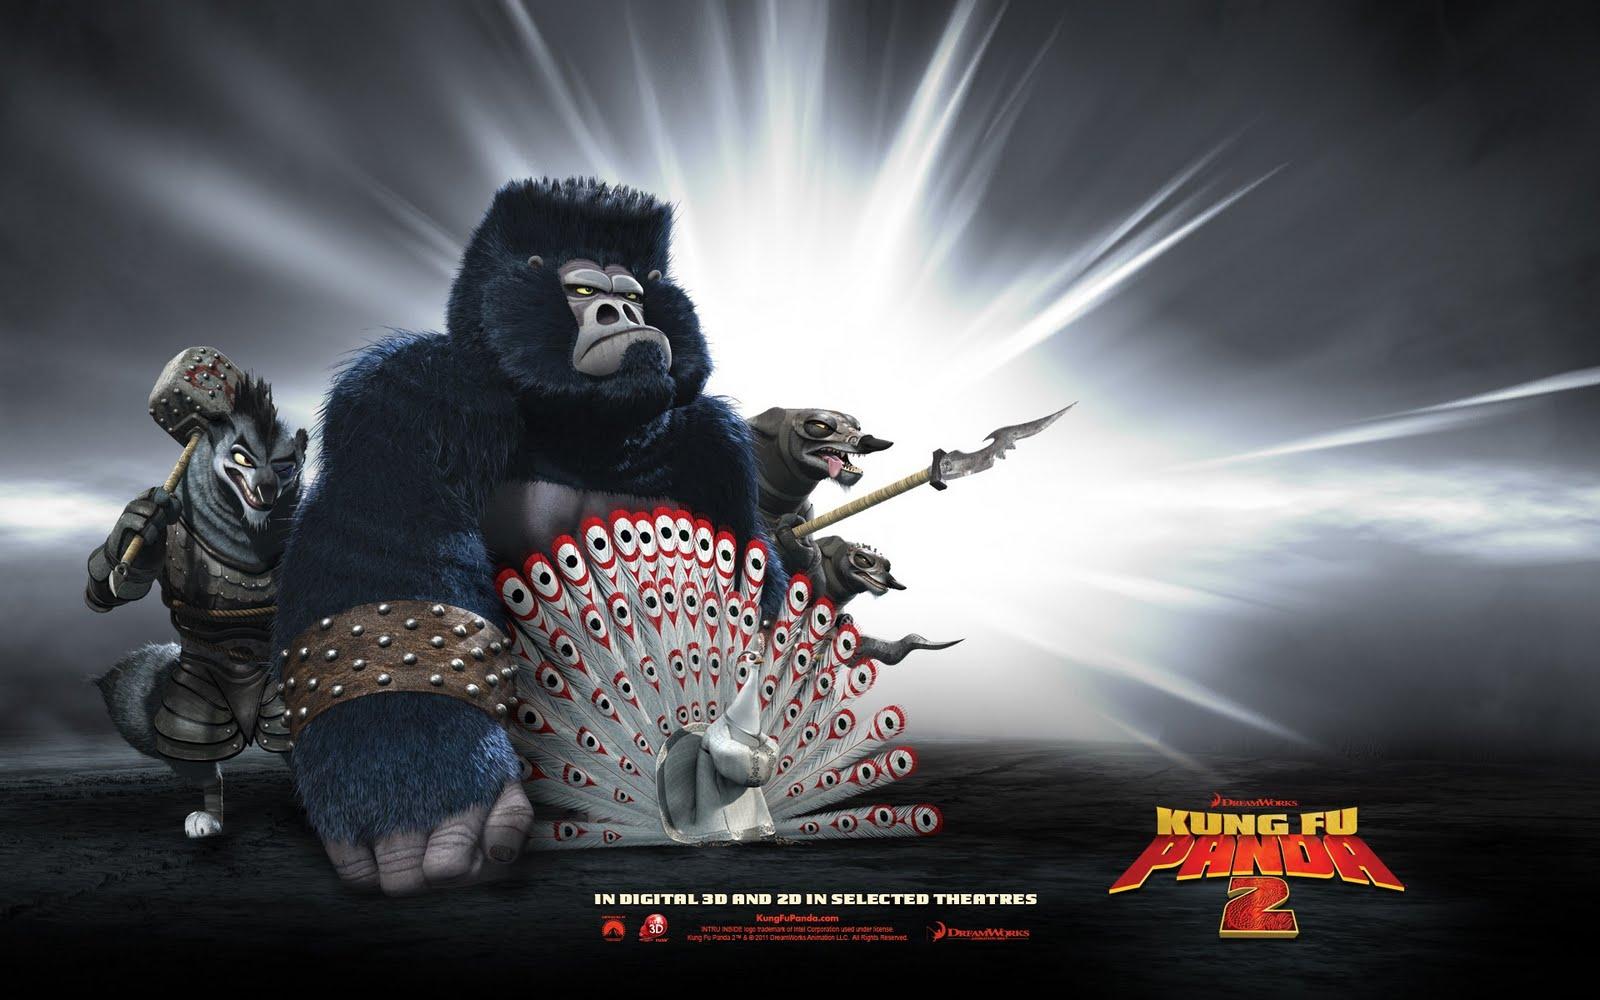 http://2.bp.blogspot.com/-huPd-JF6LuQ/Tdupvkmt9eI/AAAAAAAACDg/5It0p92Y9D8/s1600/Kung+Fu+Panda+2+Wallpaper+1.jpg